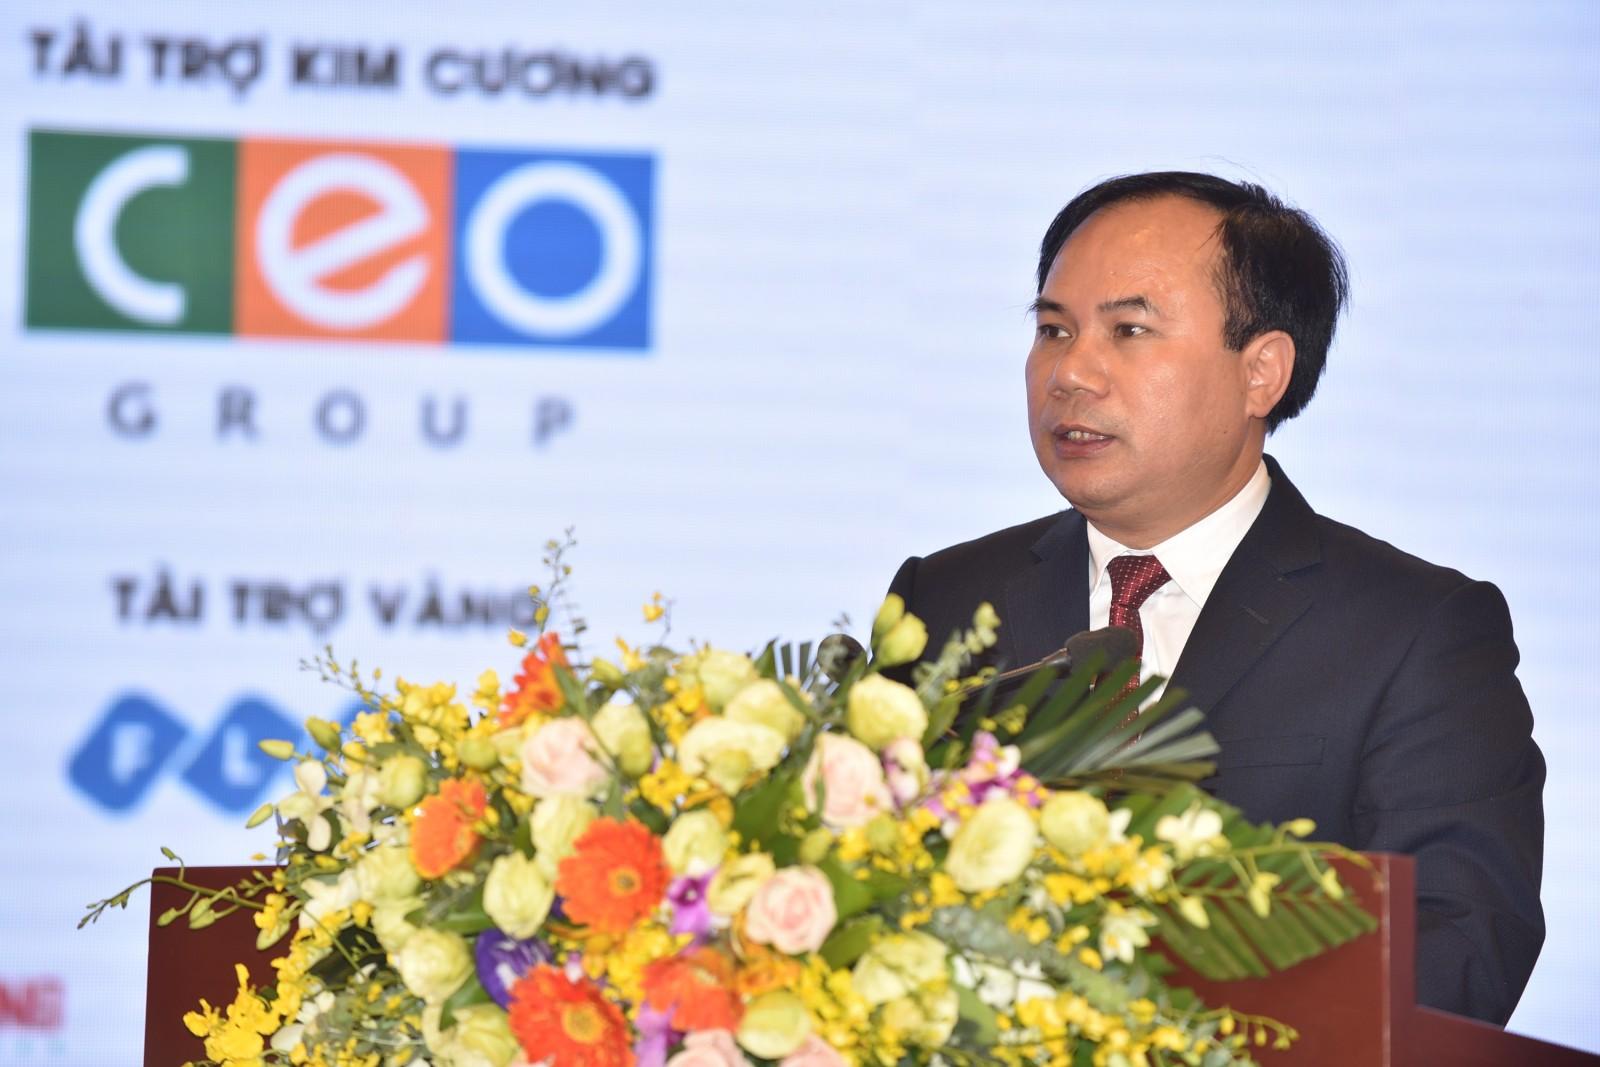 Việt Nam là điểm đến hấp dẫn để đầu tư kinh doanh bất động sản